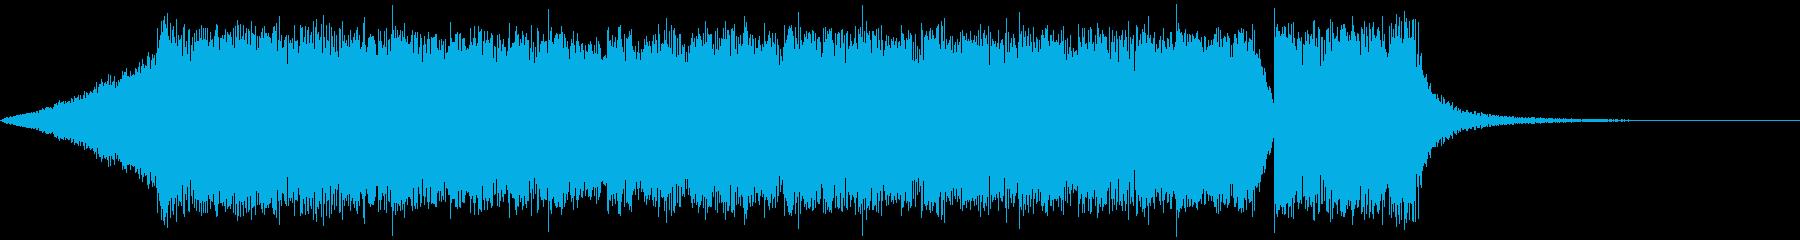 シンプルなメタル系のジングル2の再生済みの波形